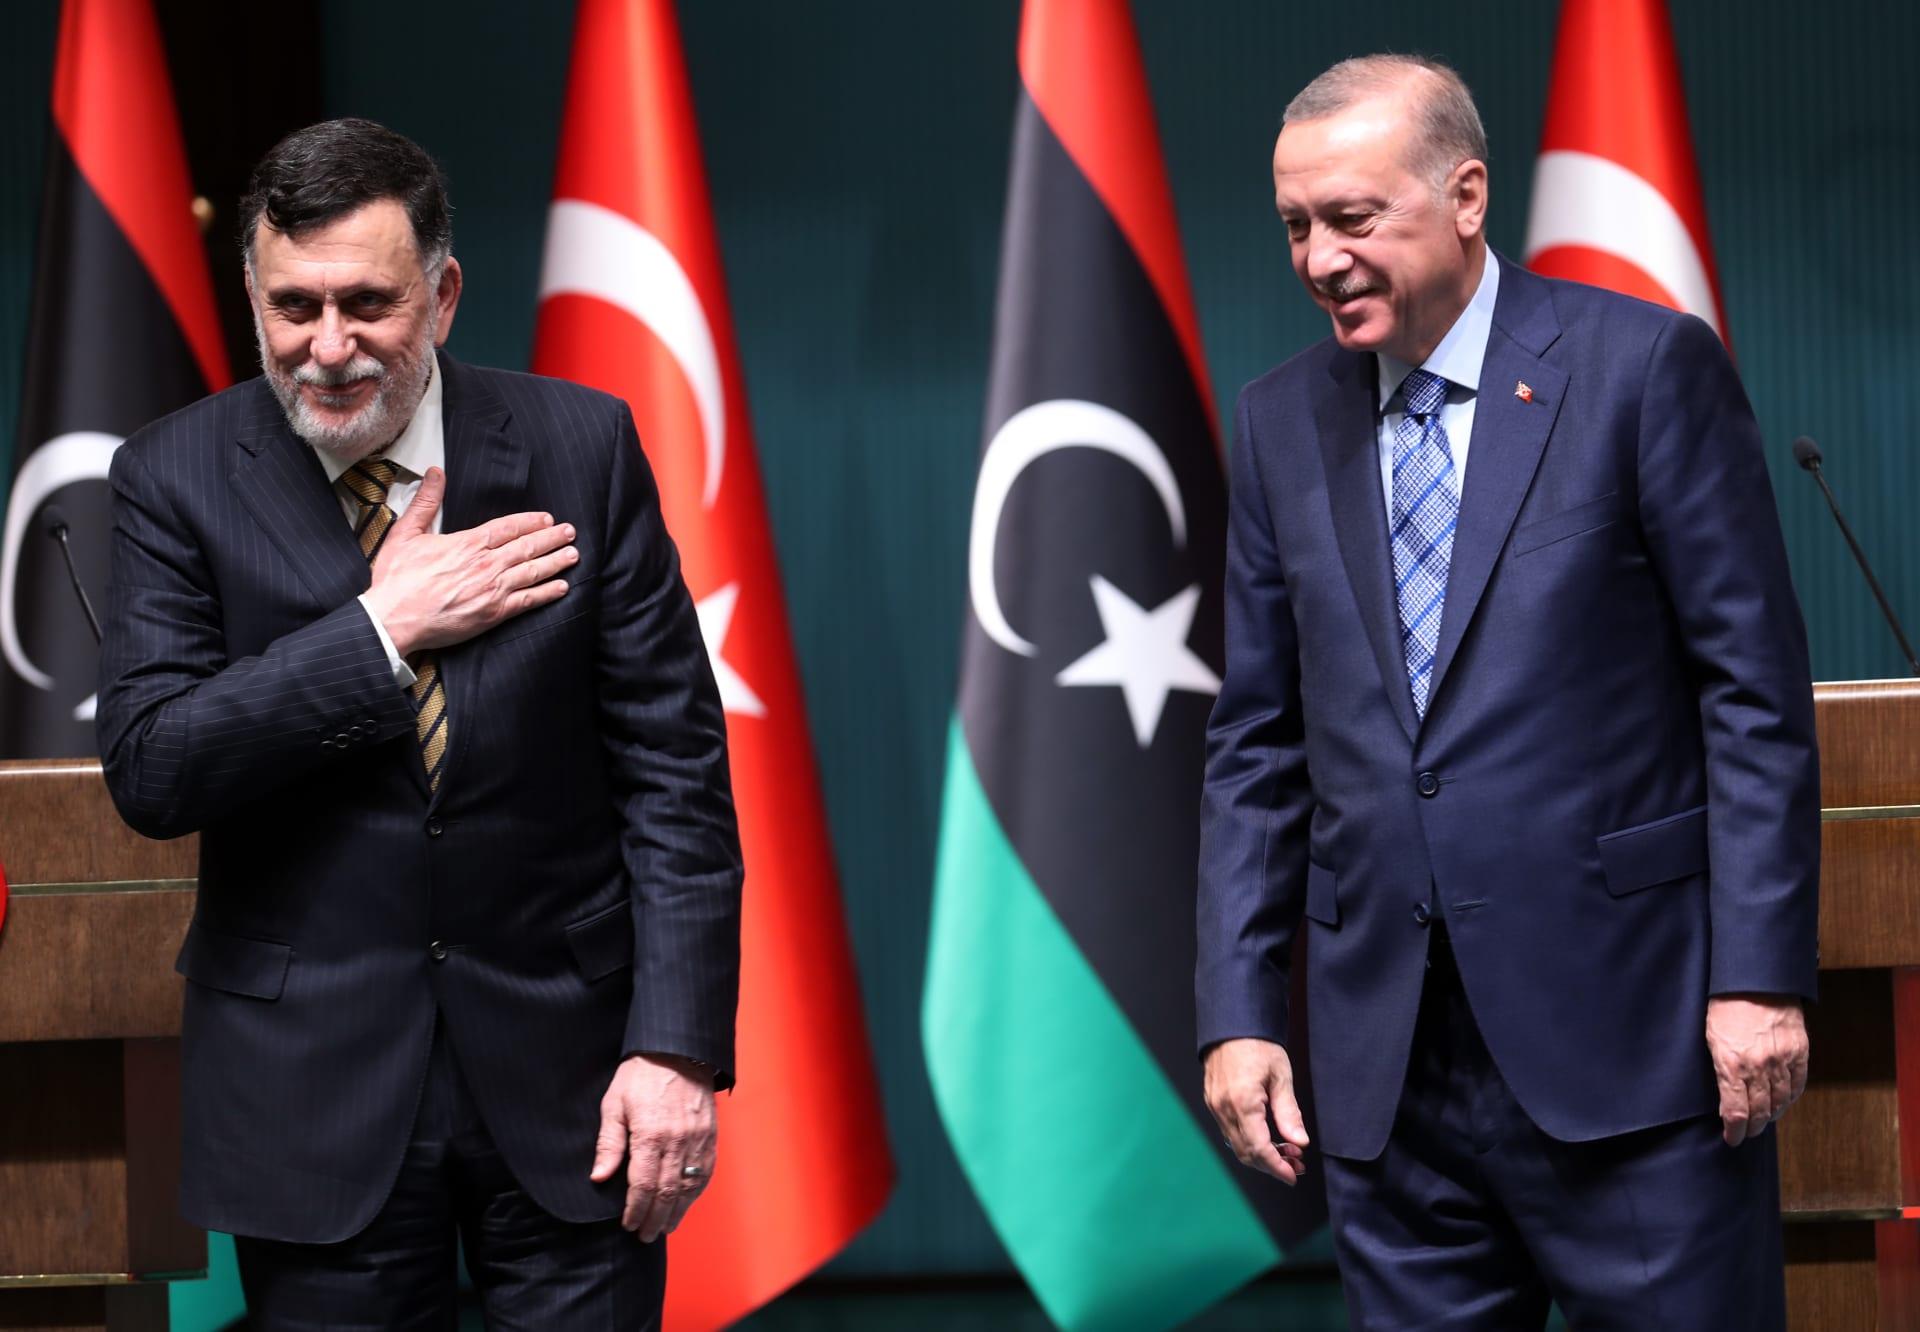 أردوغان يستقبل السراج بعد اتصال مع رئيس الوزراء الإيطالي بشان ليبيا